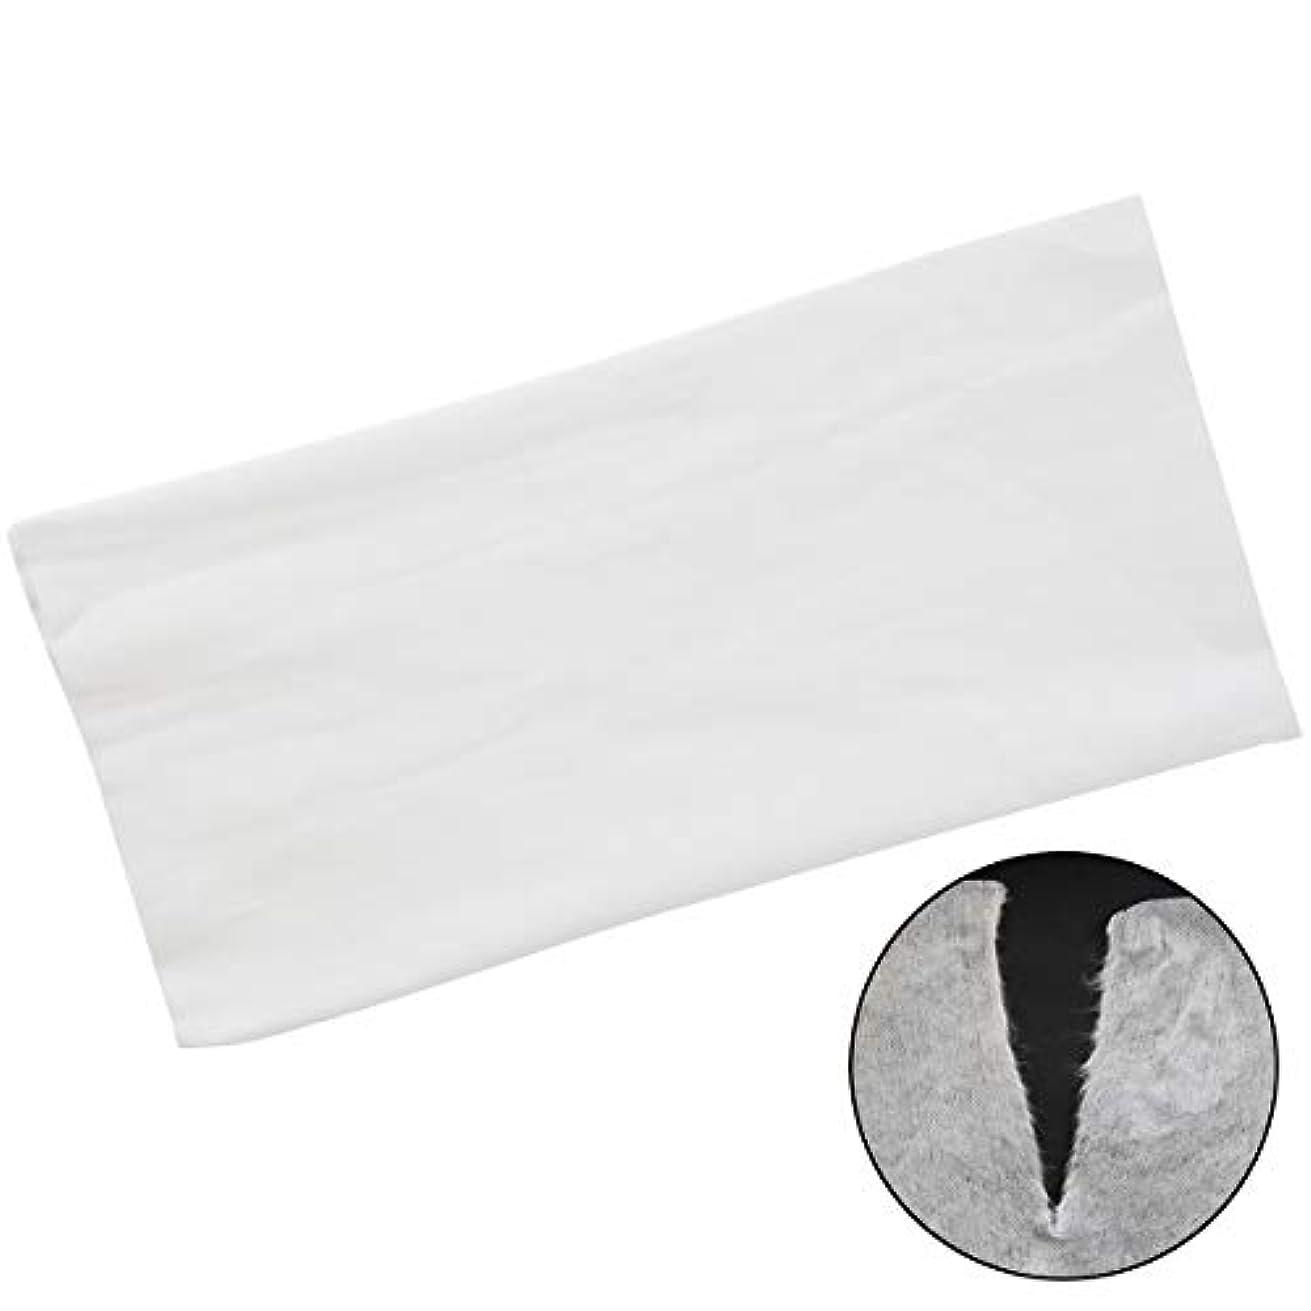 セクタ風が強い硬いディスポタオル (使い捨てタオル) 70×40cm 50枚入 [ ボディタオル エステ用タオル エステタオル 使い捨てタオル 業務用タオル タオル 使い捨て ]